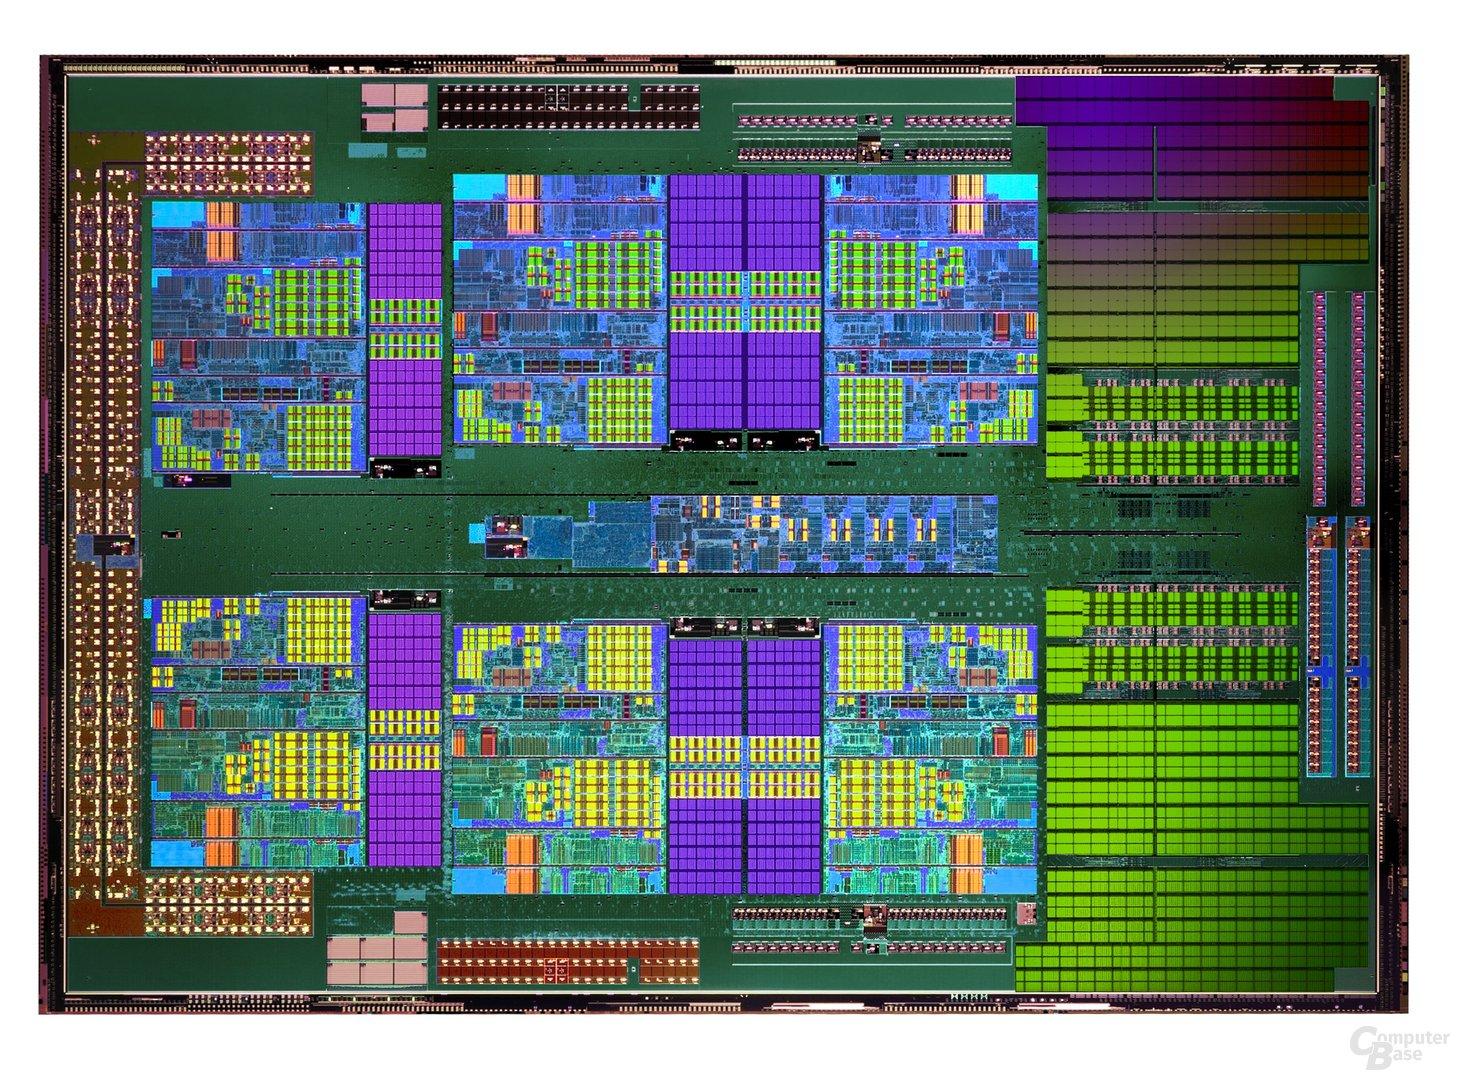 Die-Shot des AMD Phenom II X6